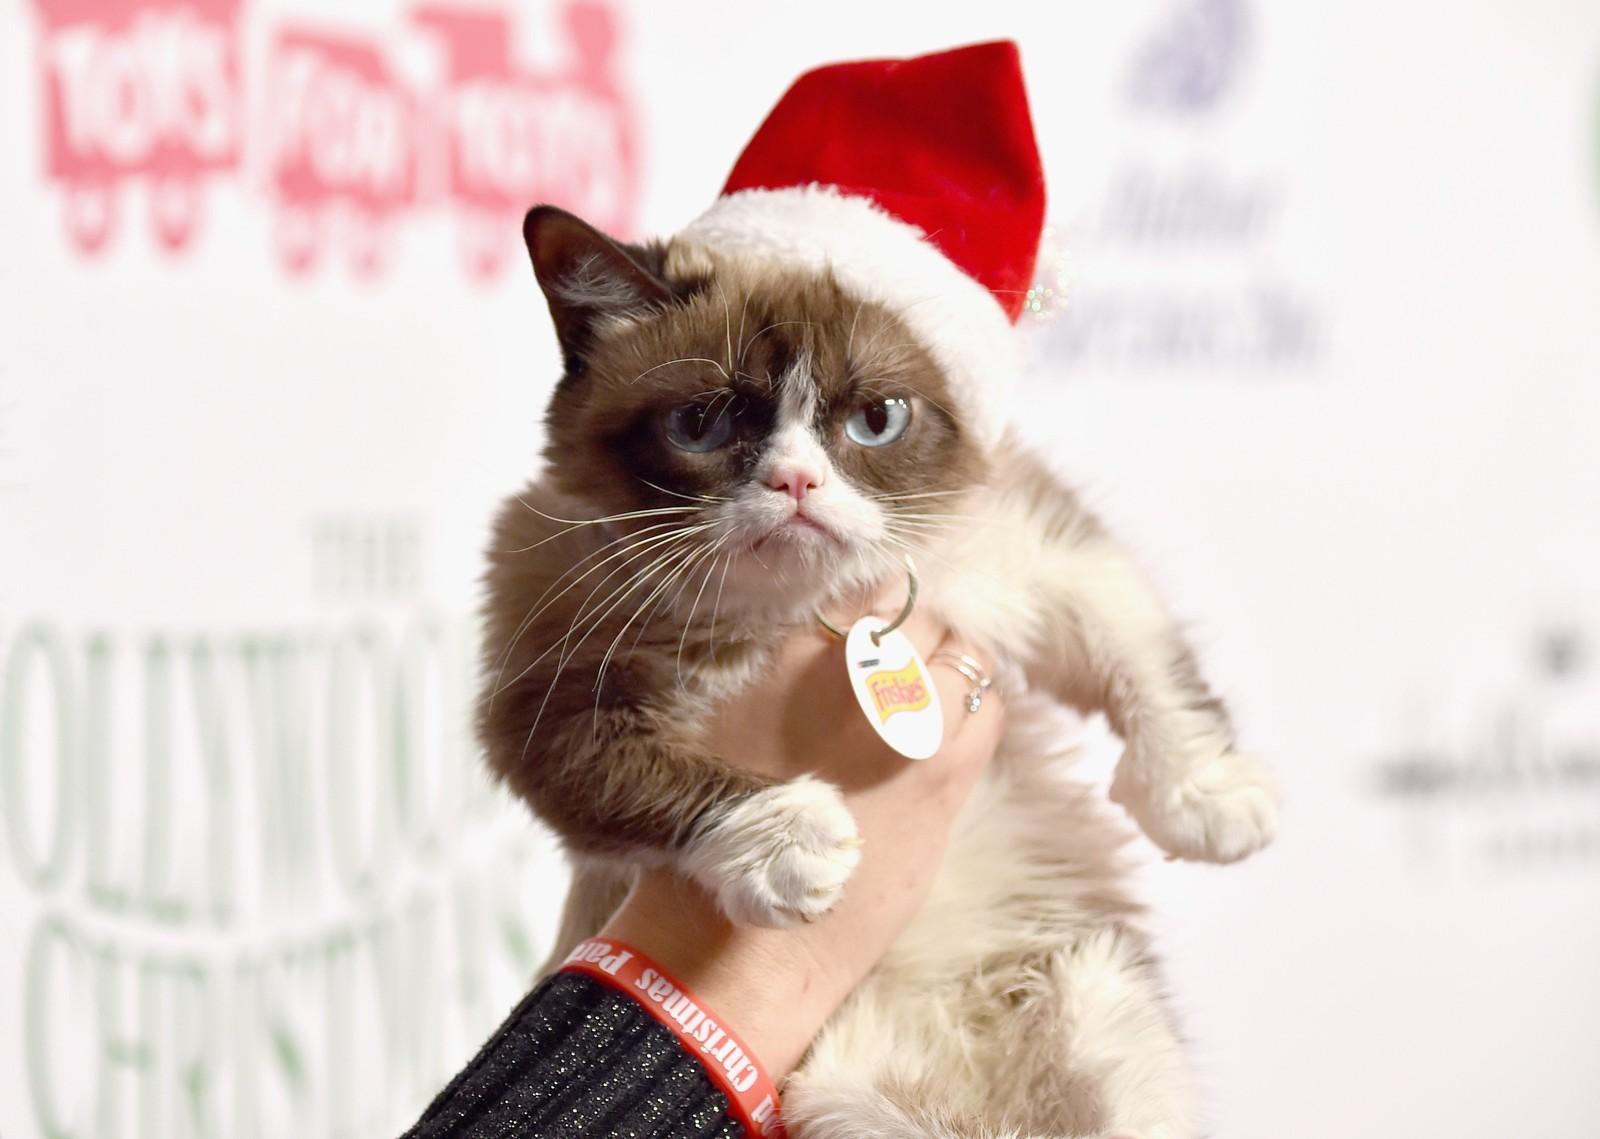 Nettkjendisen Grumpy Cat stilte opp for fotografene under den årlige juleparaden i Hollywood denne uka.